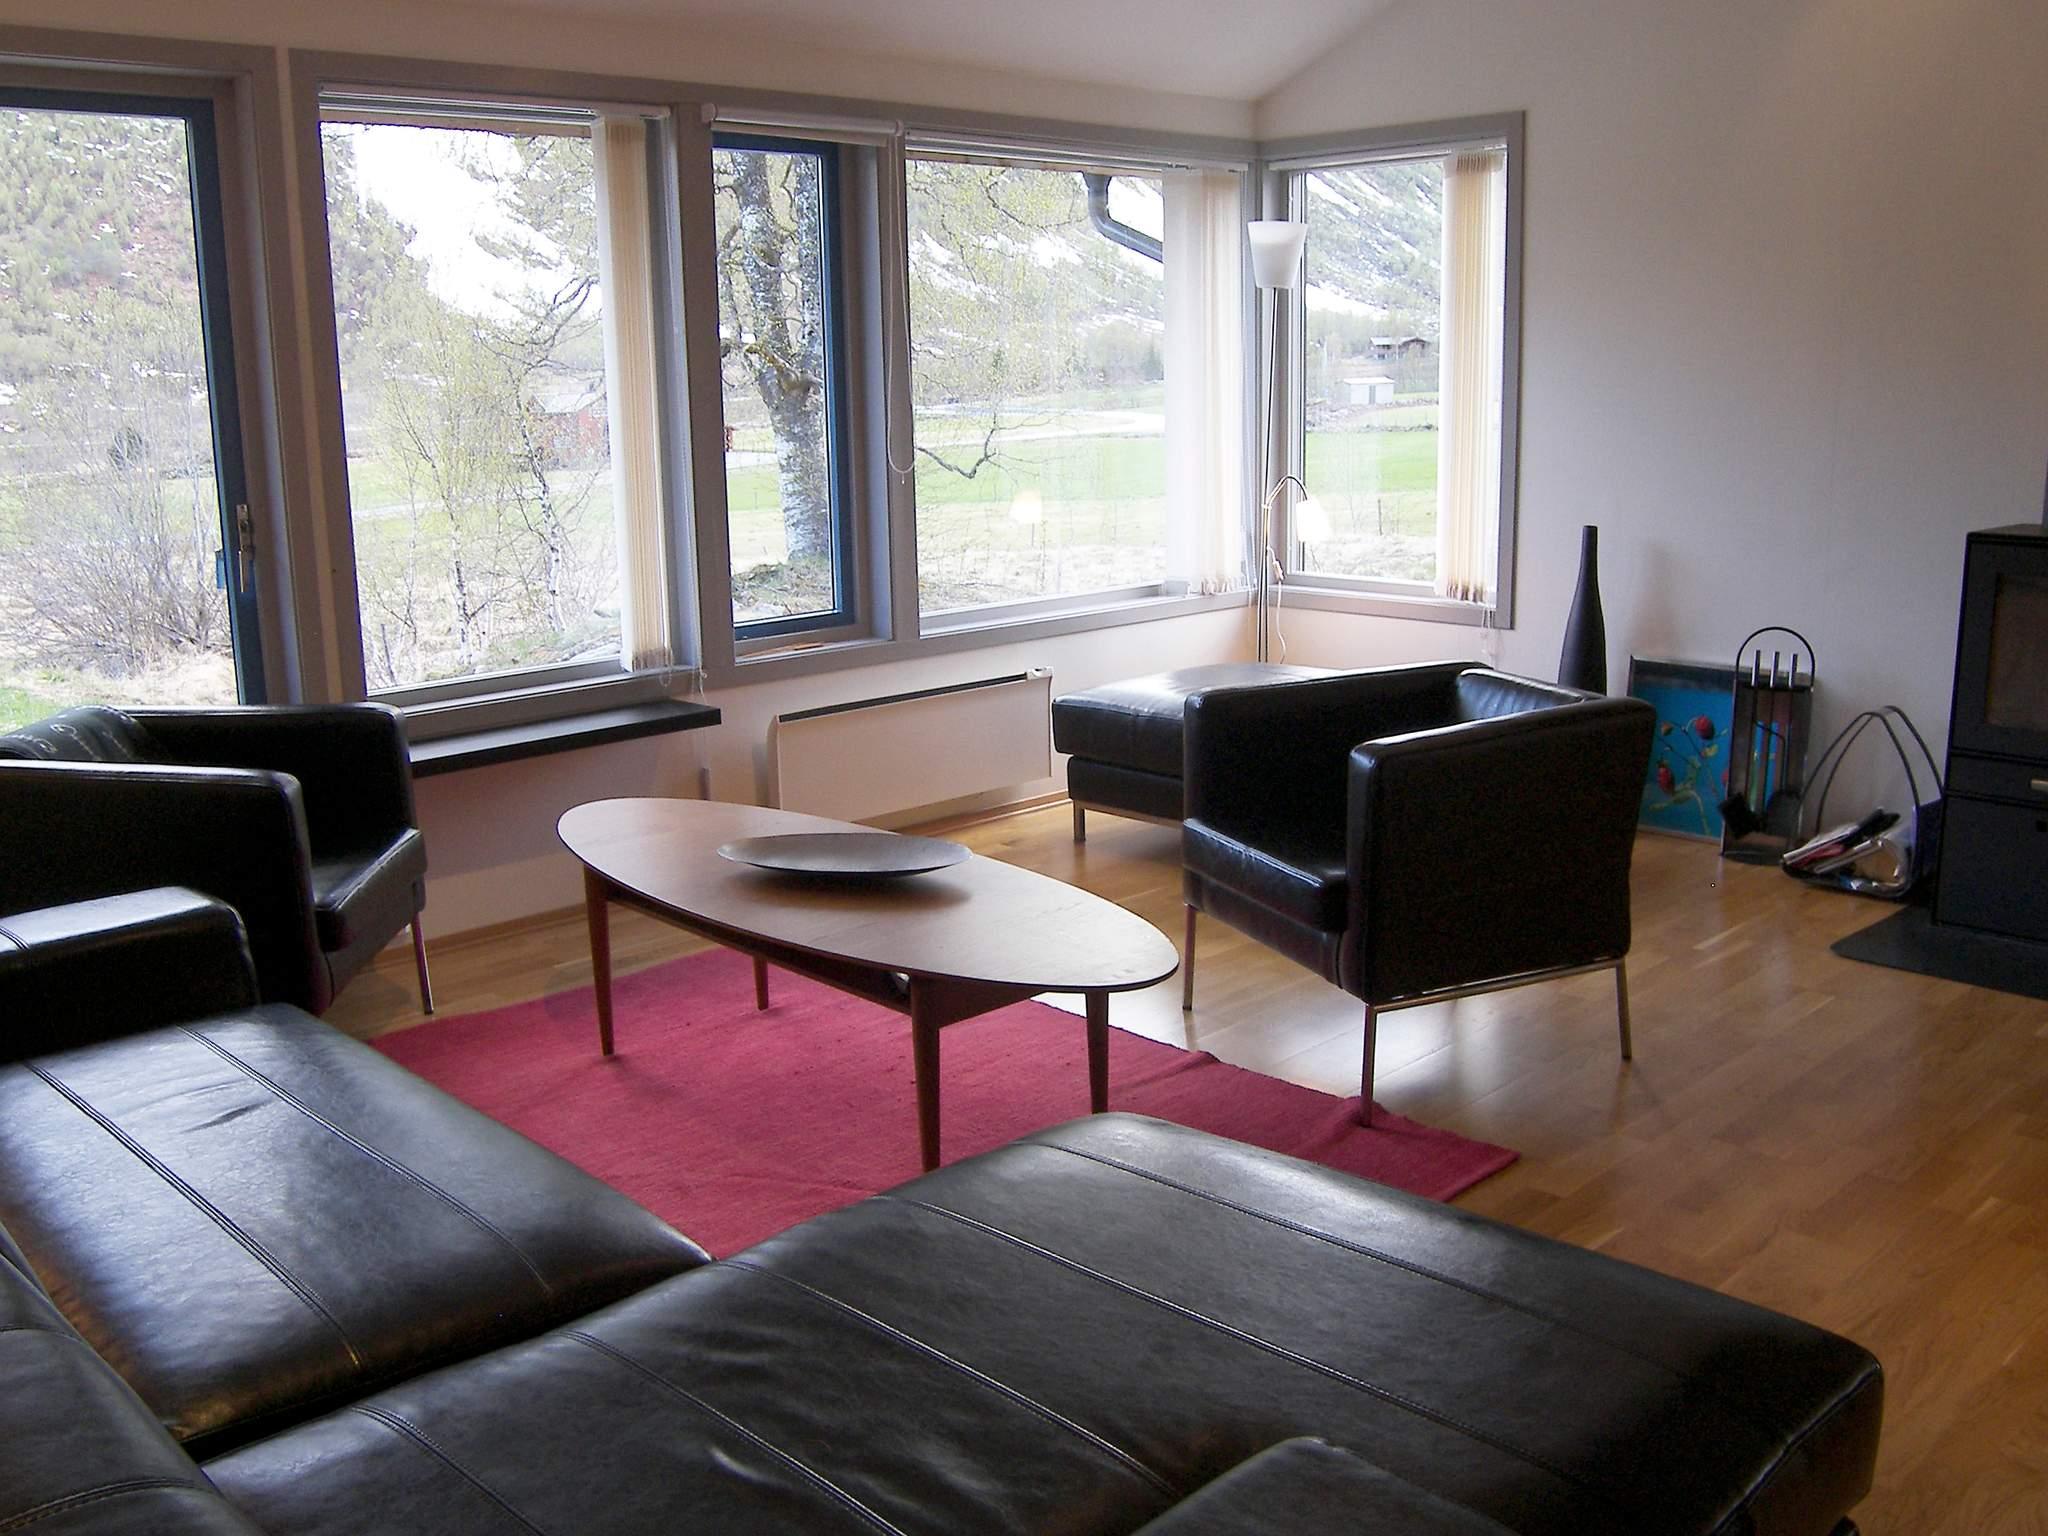 Ferienhaus Selseng (484309), Sogndal, Sognefjord - Nordfjord, Westnorwegen, Norwegen, Bild 3